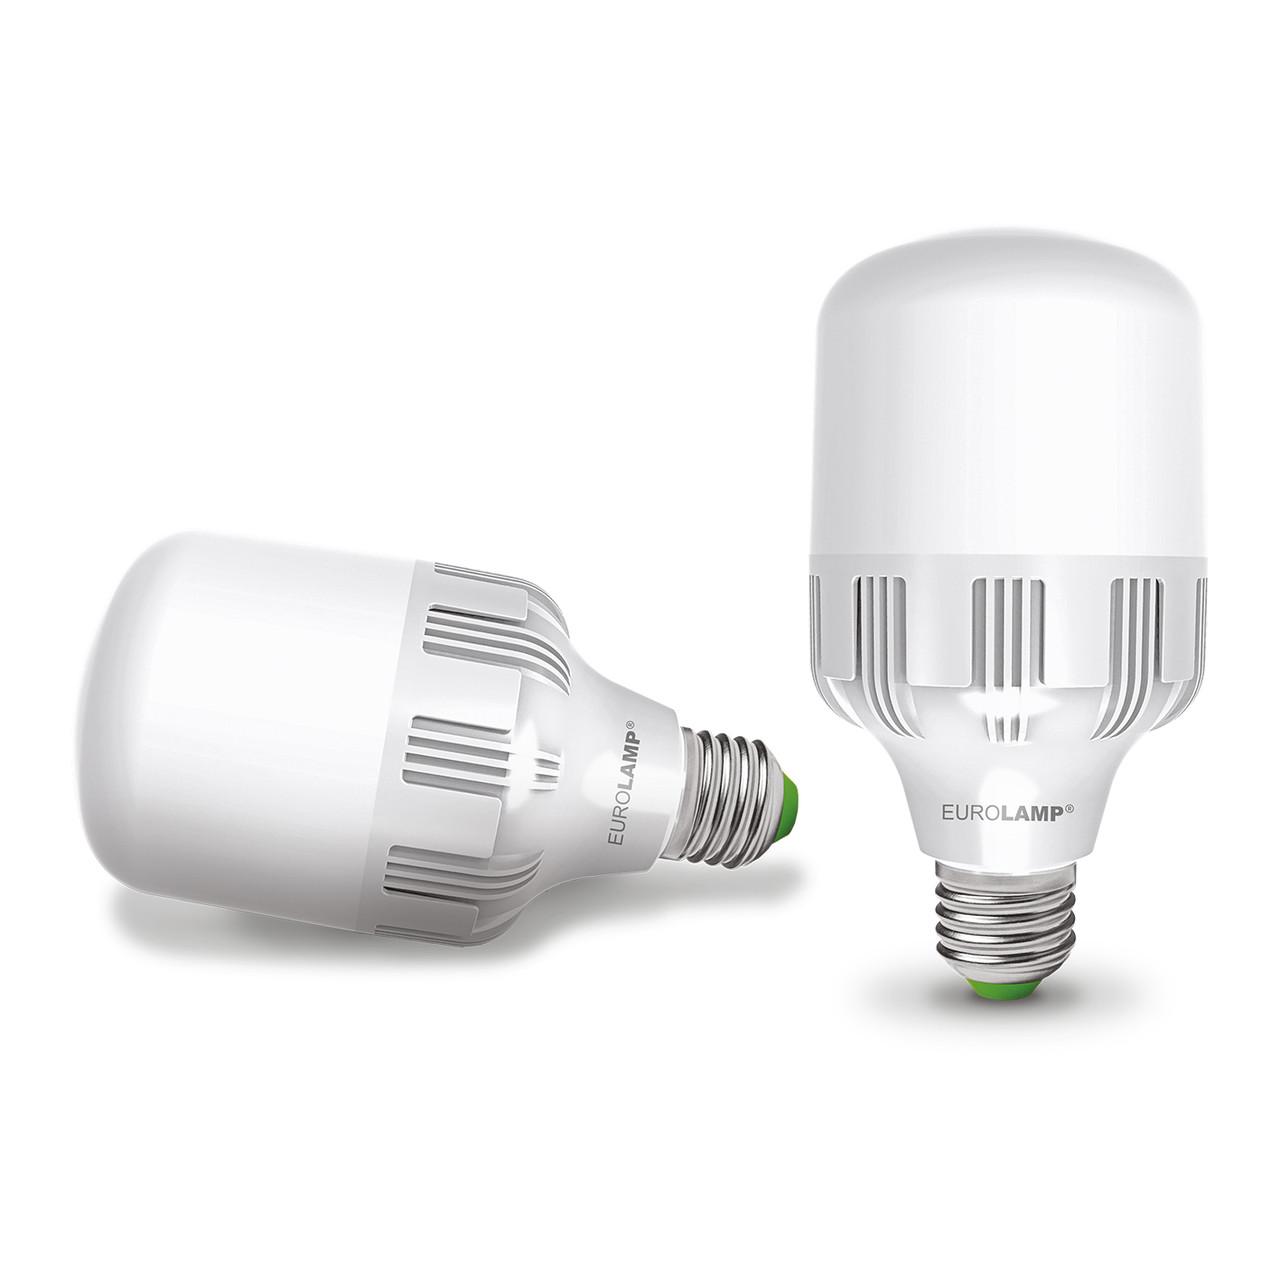 EUROLAMP LED Лампа высокомощная 30W E27 6500K